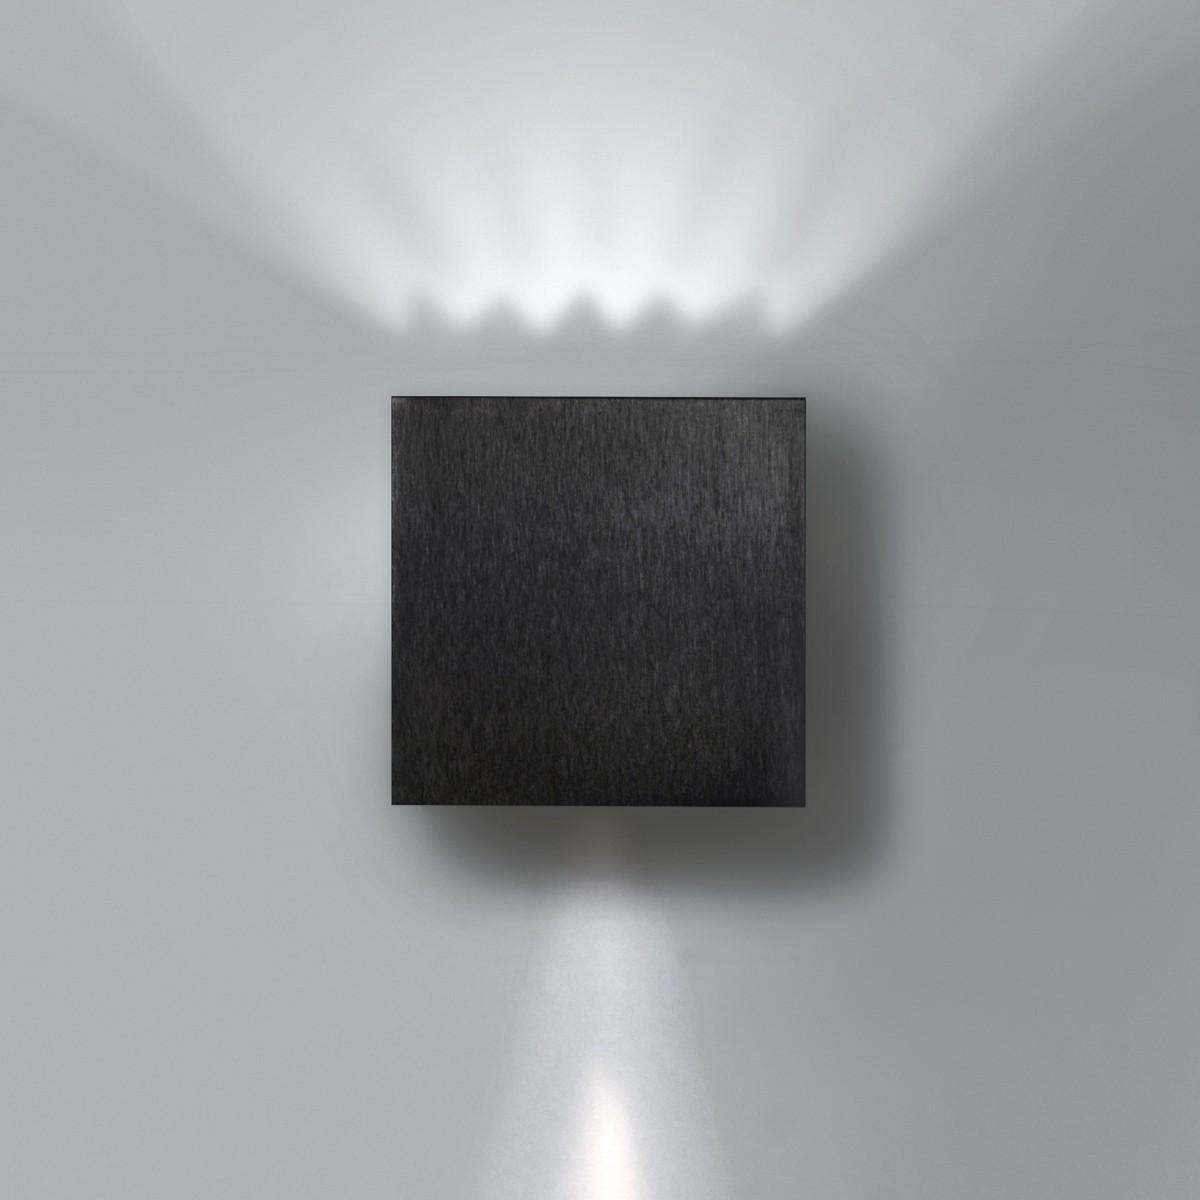 Milan Dau Wandleuchte, 1-flg., schwarz gebürstet